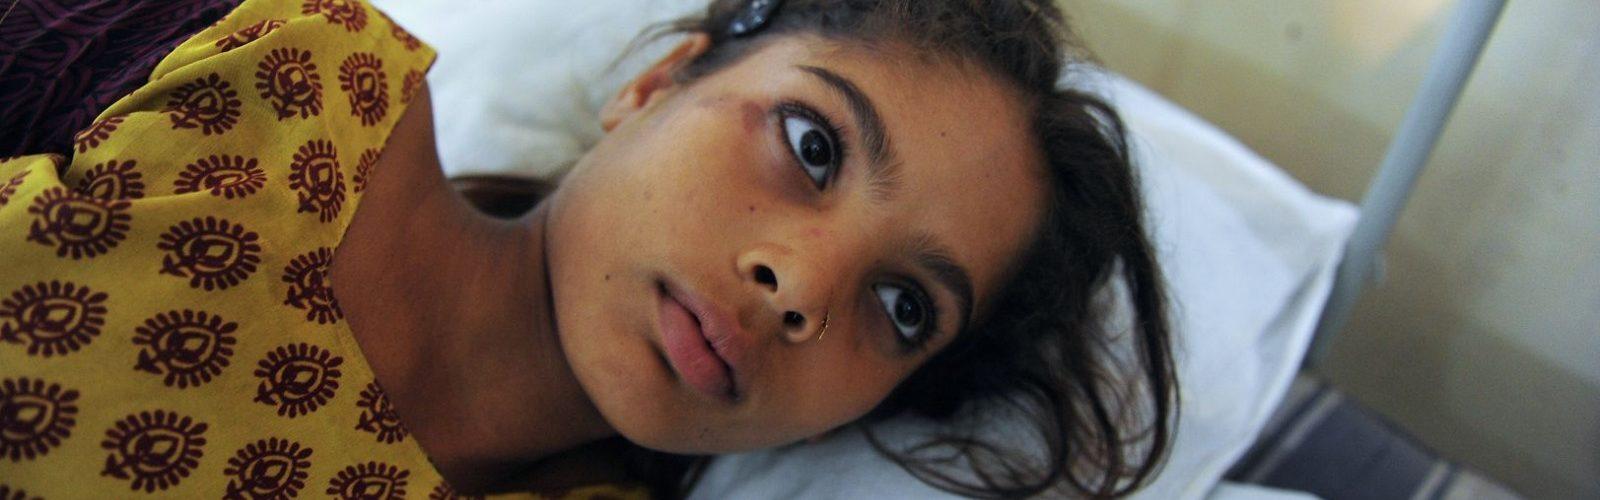 Encephalitis : 2 more children dead in Gorakhpur BRD Medical College Hospital